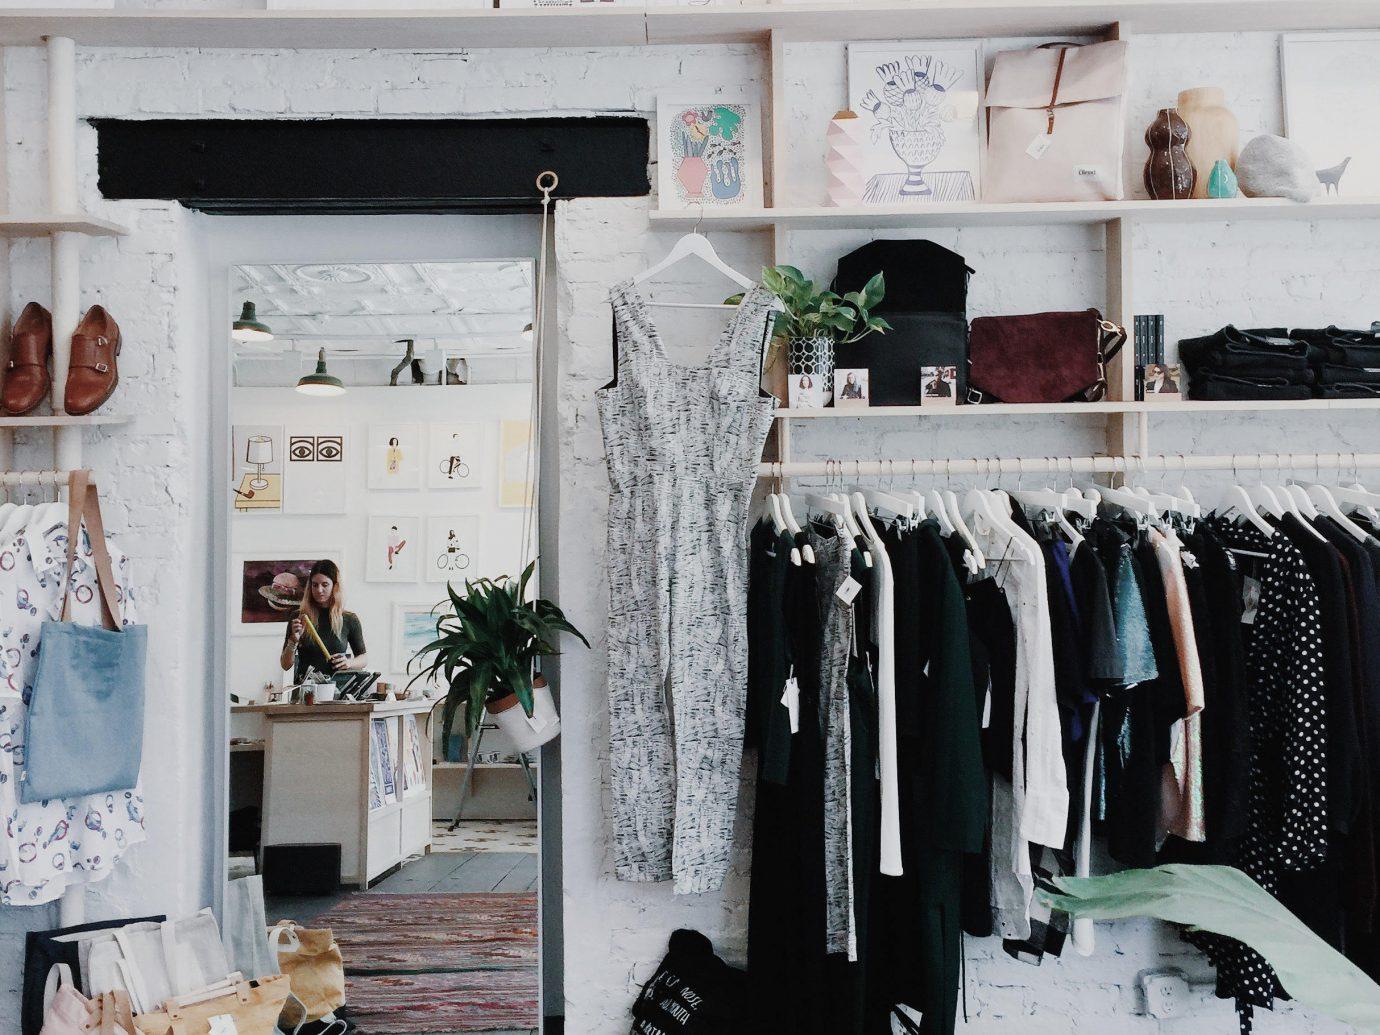 Style + Design room indoor Boutique furniture closet interior design wardrobe